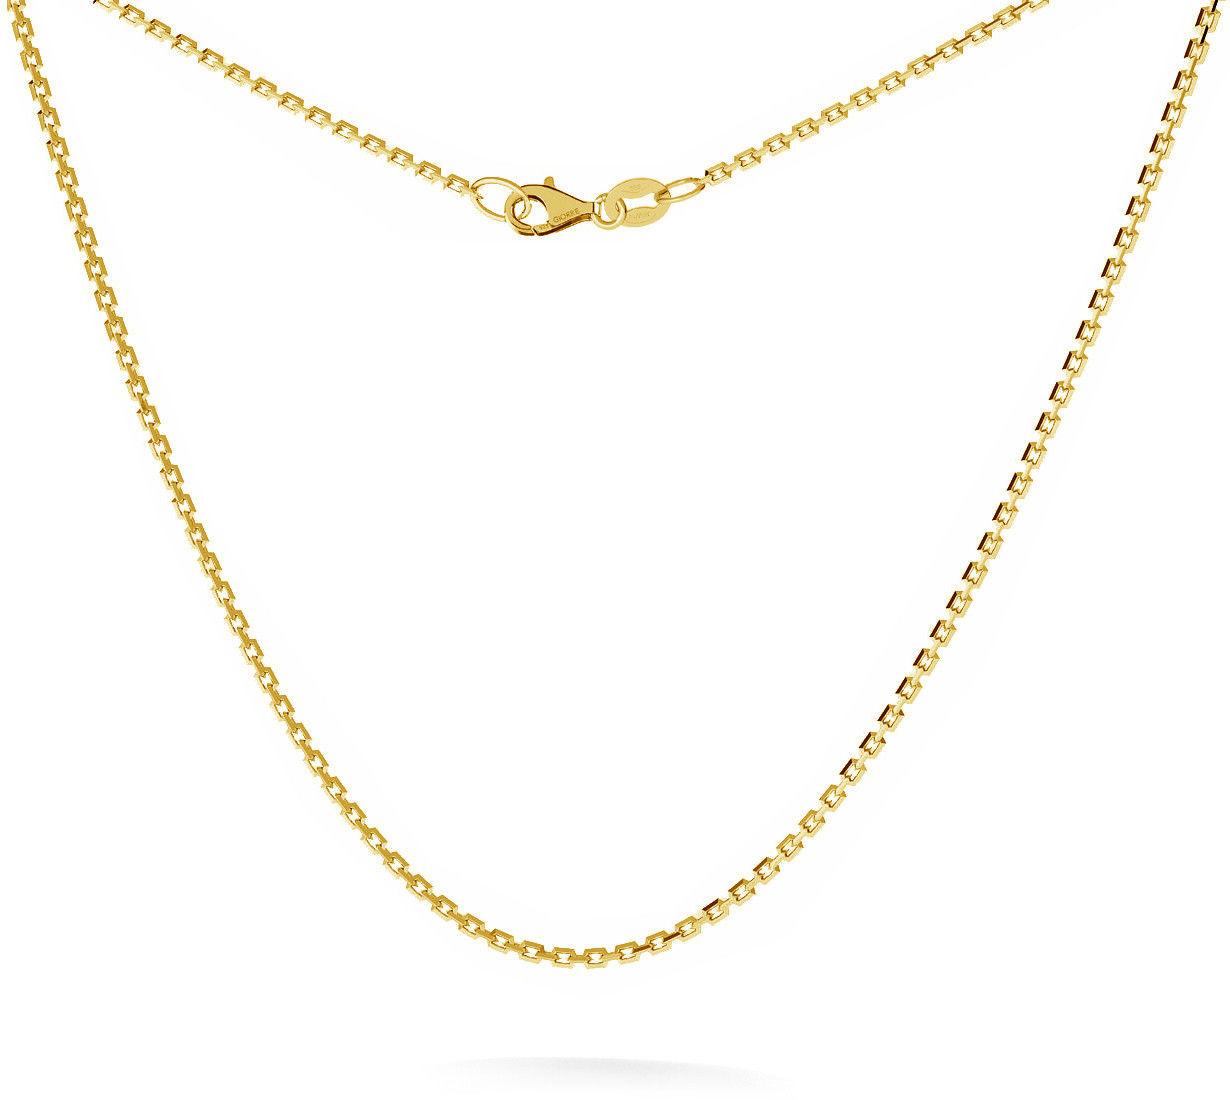 Srebrny łańcuszek na komunię ankier diamentowany 925 : Długość (cm) - 45, Srebro - kolor pokrycia - Pokrycie żółtym 18K złotem